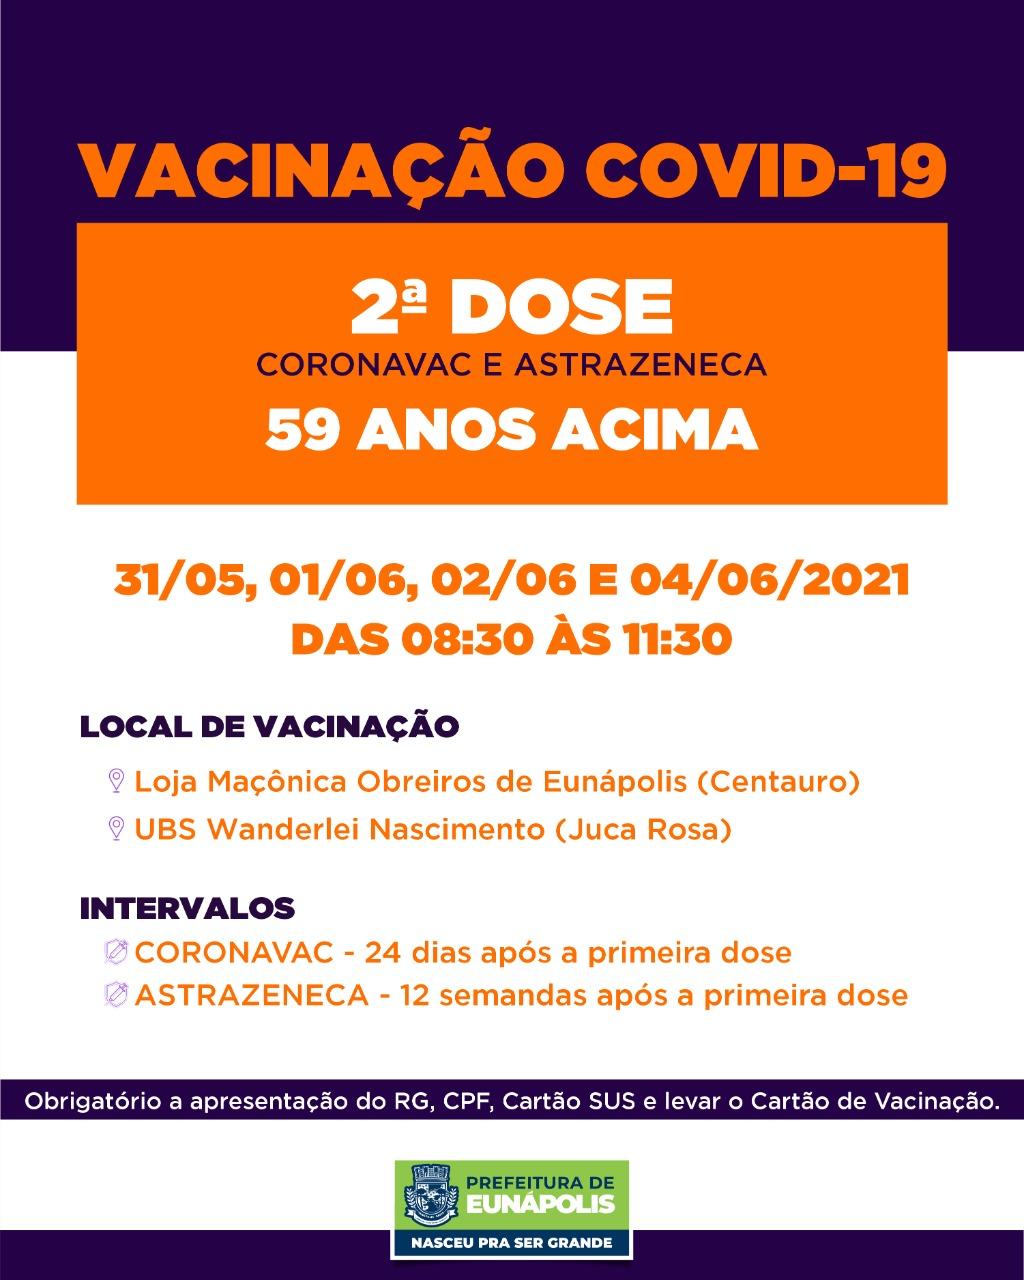 Secretaria de Saúde de Eunápolis informa o cronograma da semana de vacinação contra à Covid-19 37